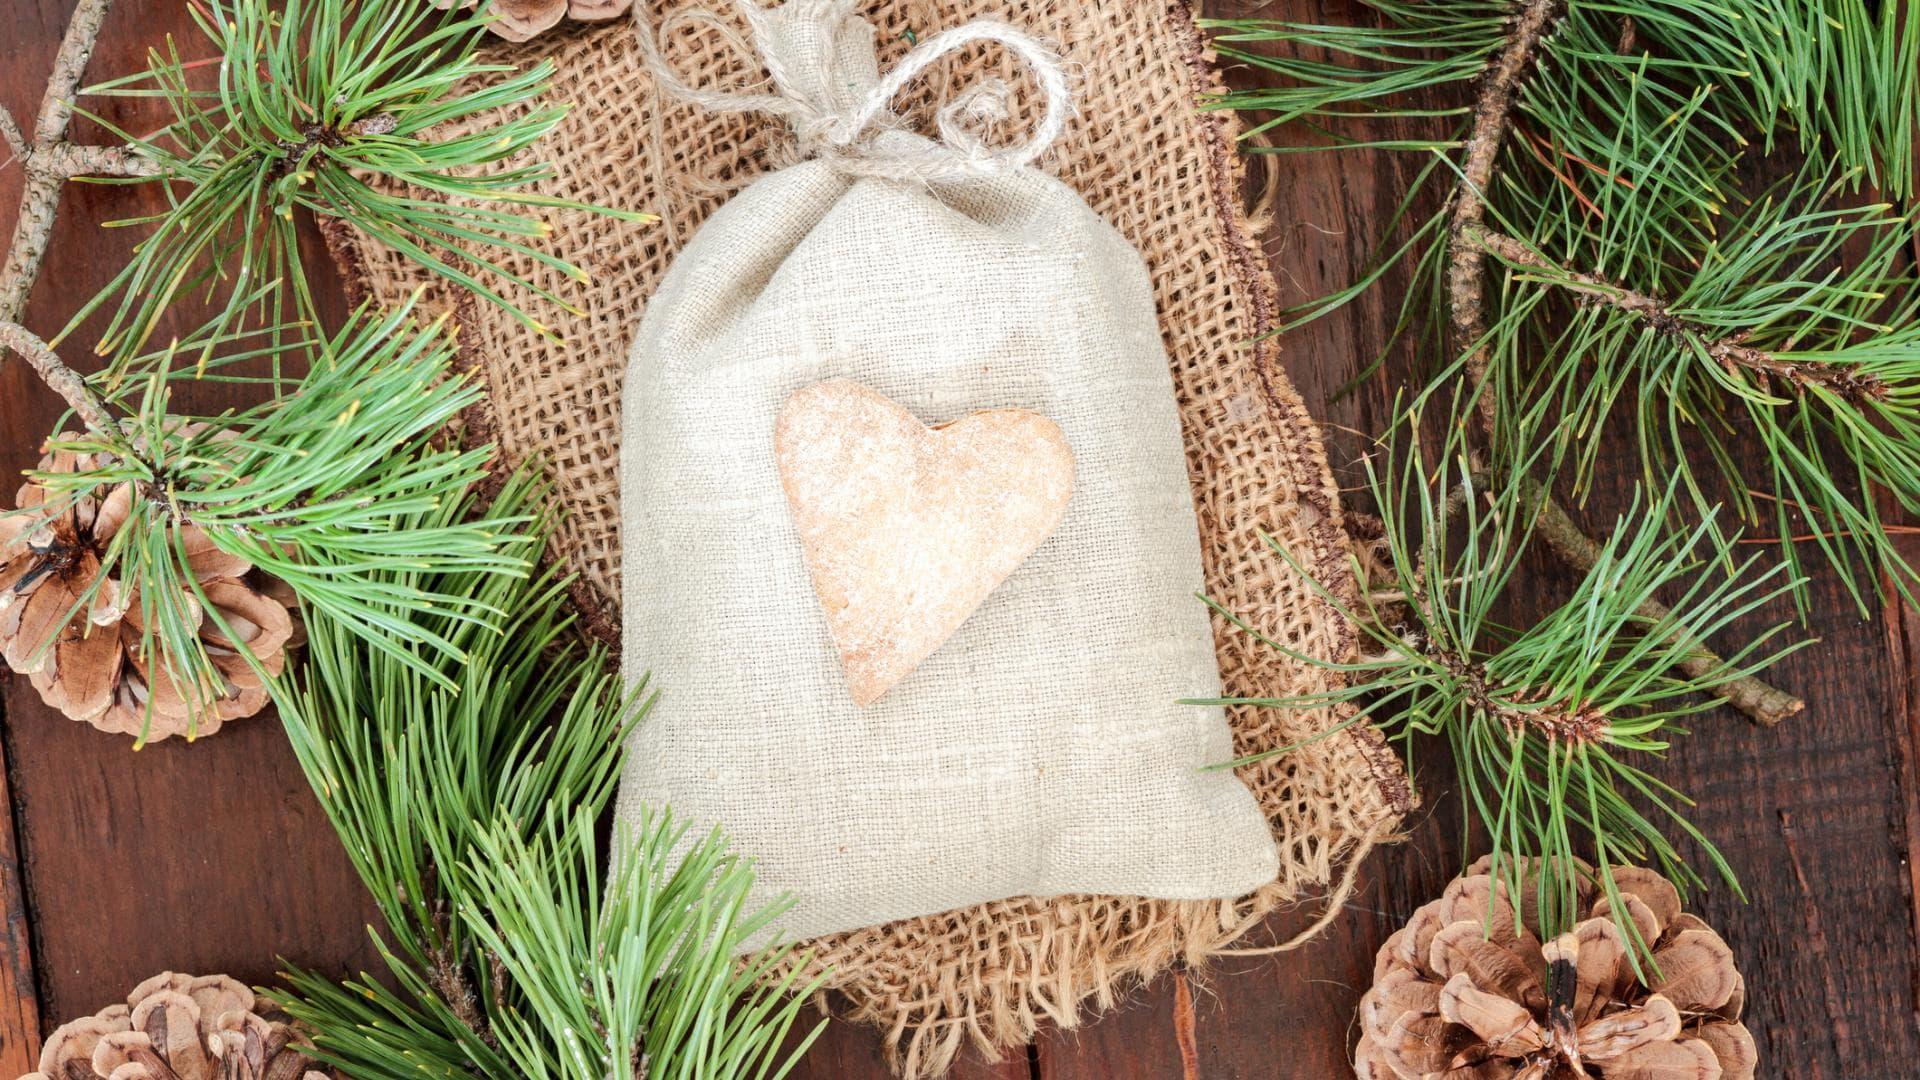 Weihnachtsgeschenke verpacken, Jutesäckchen